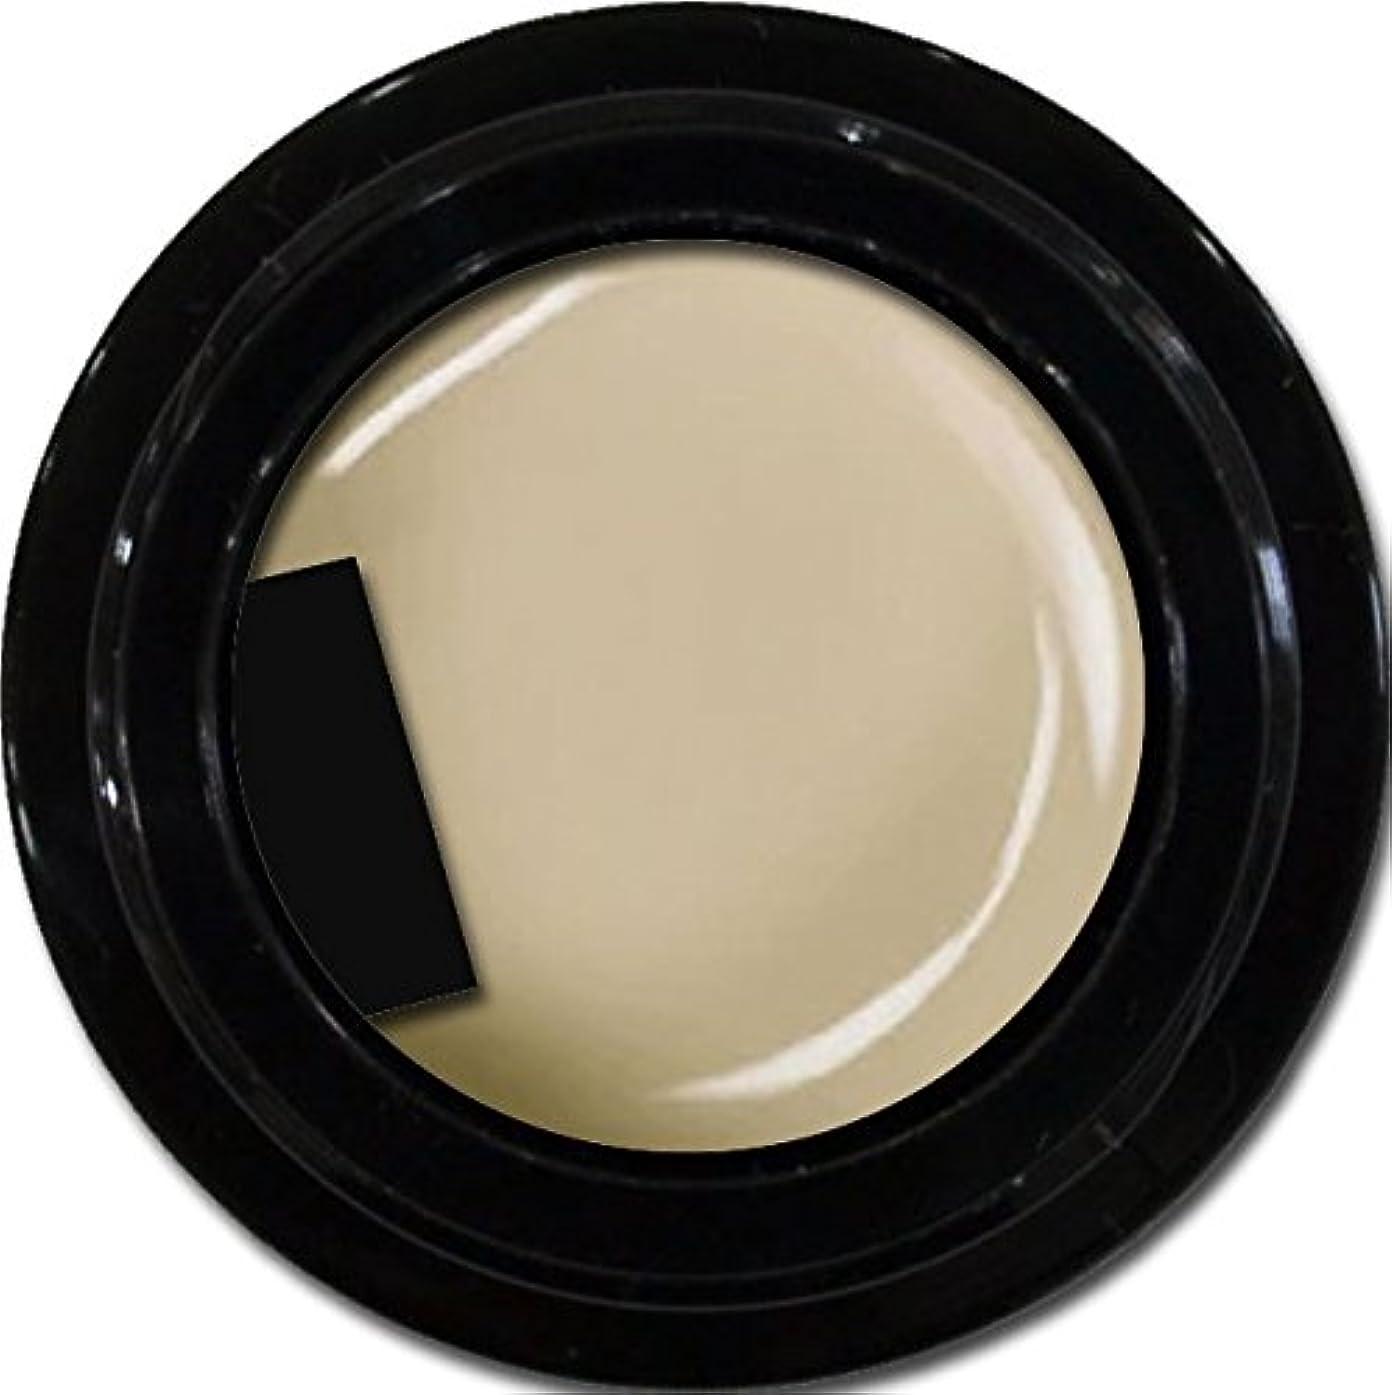 ナットアジア人に話すカラージェル enchant color gel M804 AshGray 3g/ マットカラージェル M804 アッシュグレー 3グラム